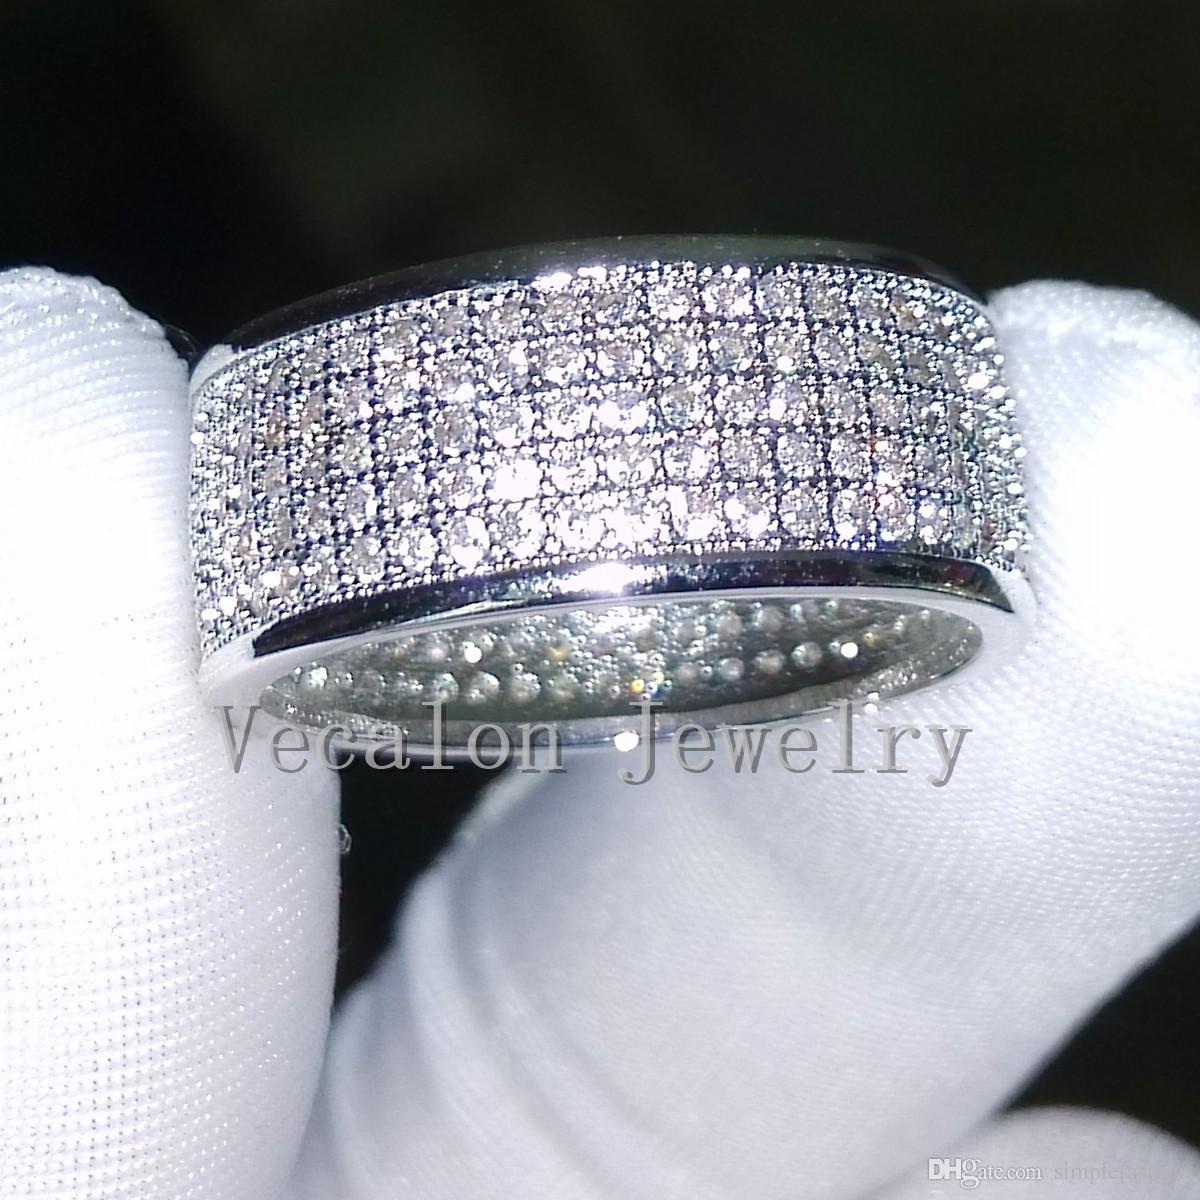 Vecalon 전체 시뮬레이션 된 다이아몬드 Cz 웨딩 밴드 반지 여성 10KT 화이트 골드 채워진 여성 약혼 밴드 Sz 5-11